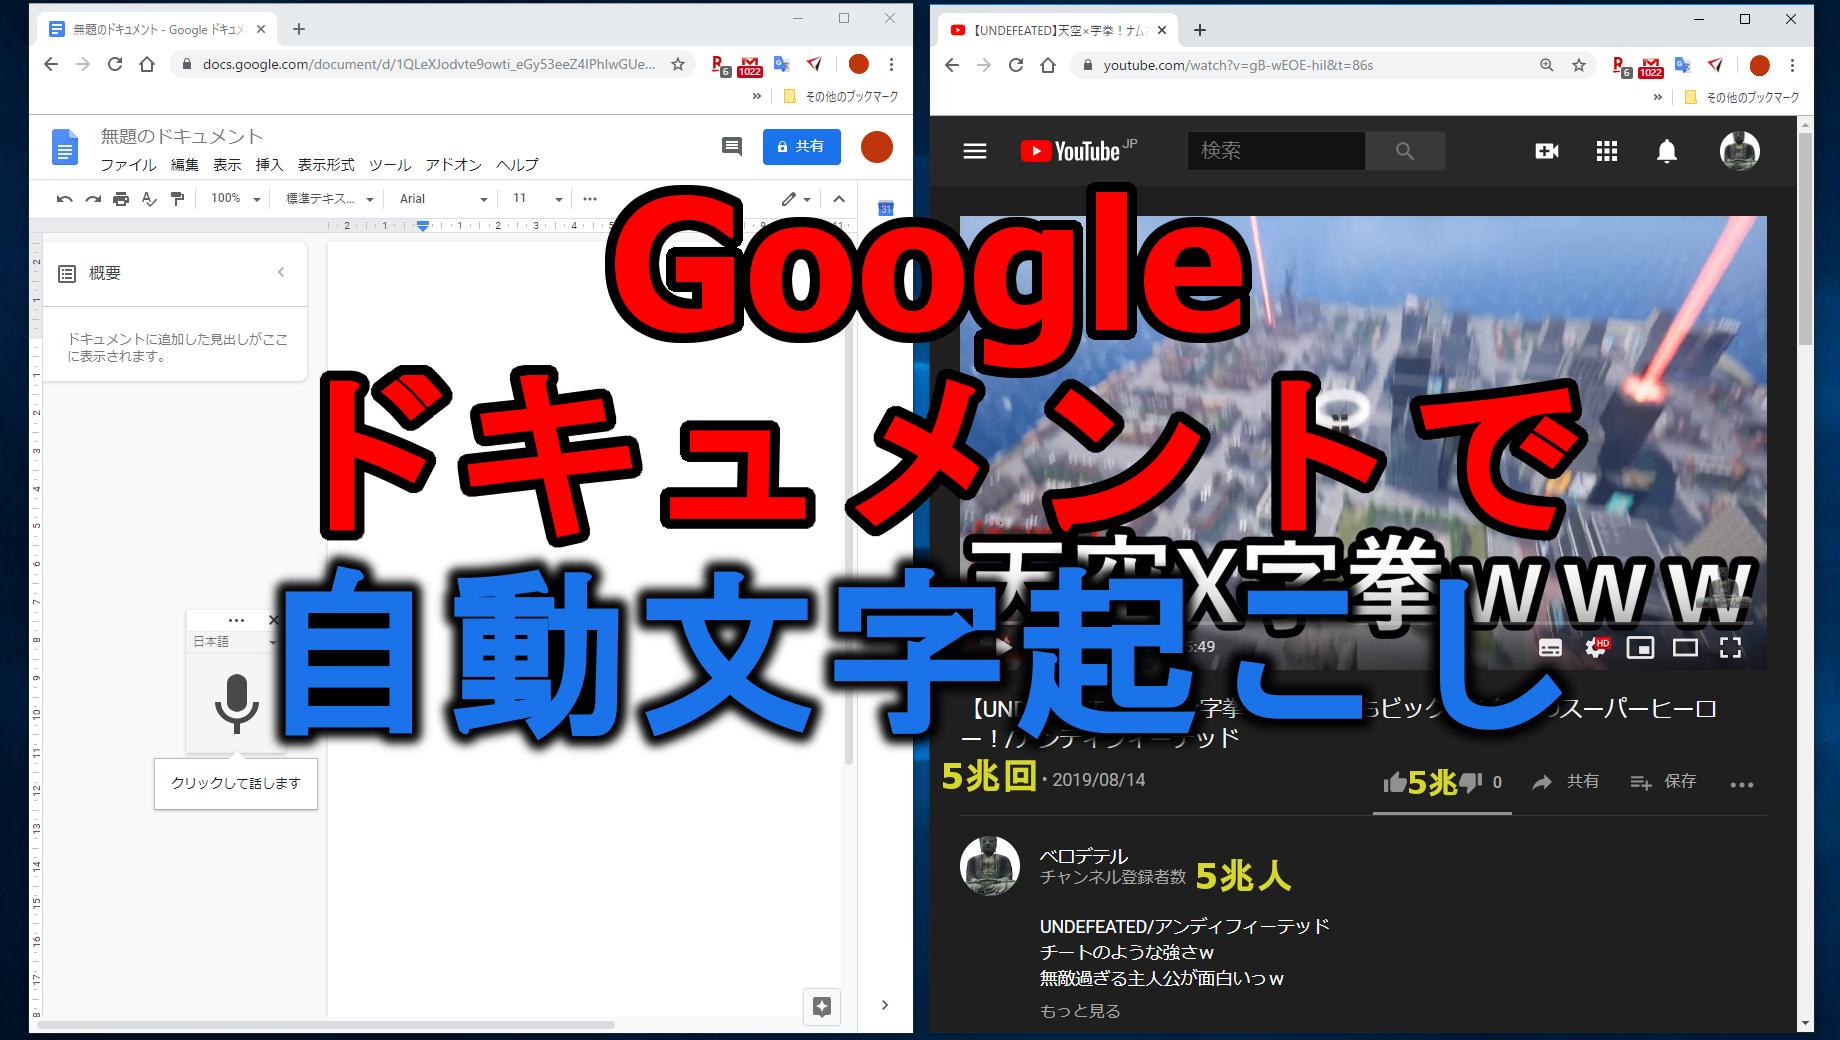 【自動文字起こし】Googleドキュメントで簡単作成♪どんな音声ファイルでも出来ます☆